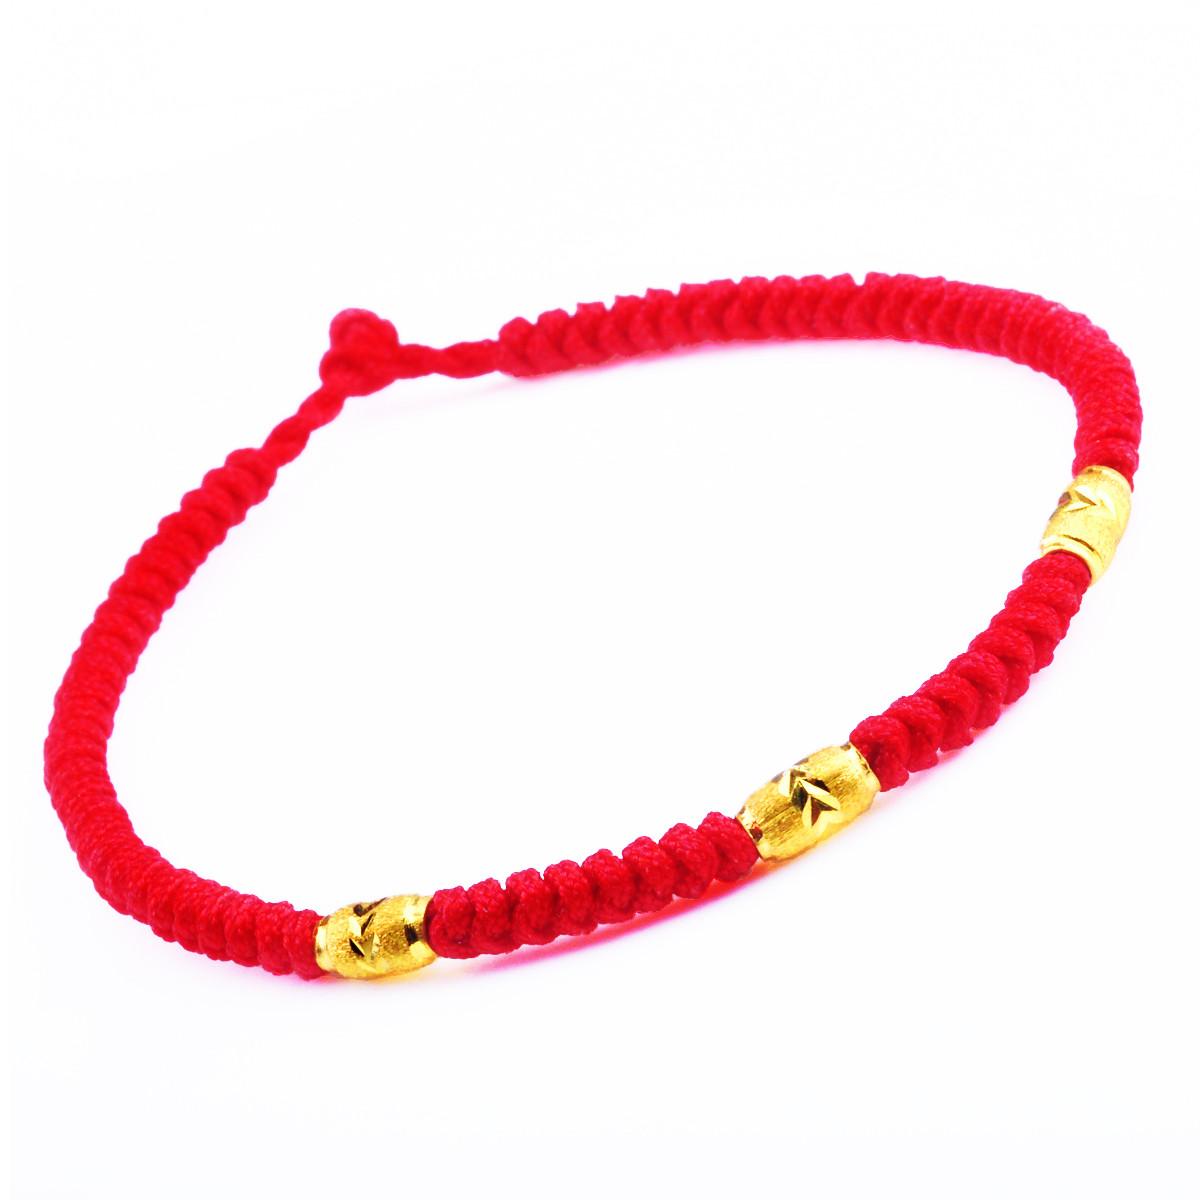 转运珠手链的编绳要怎么编